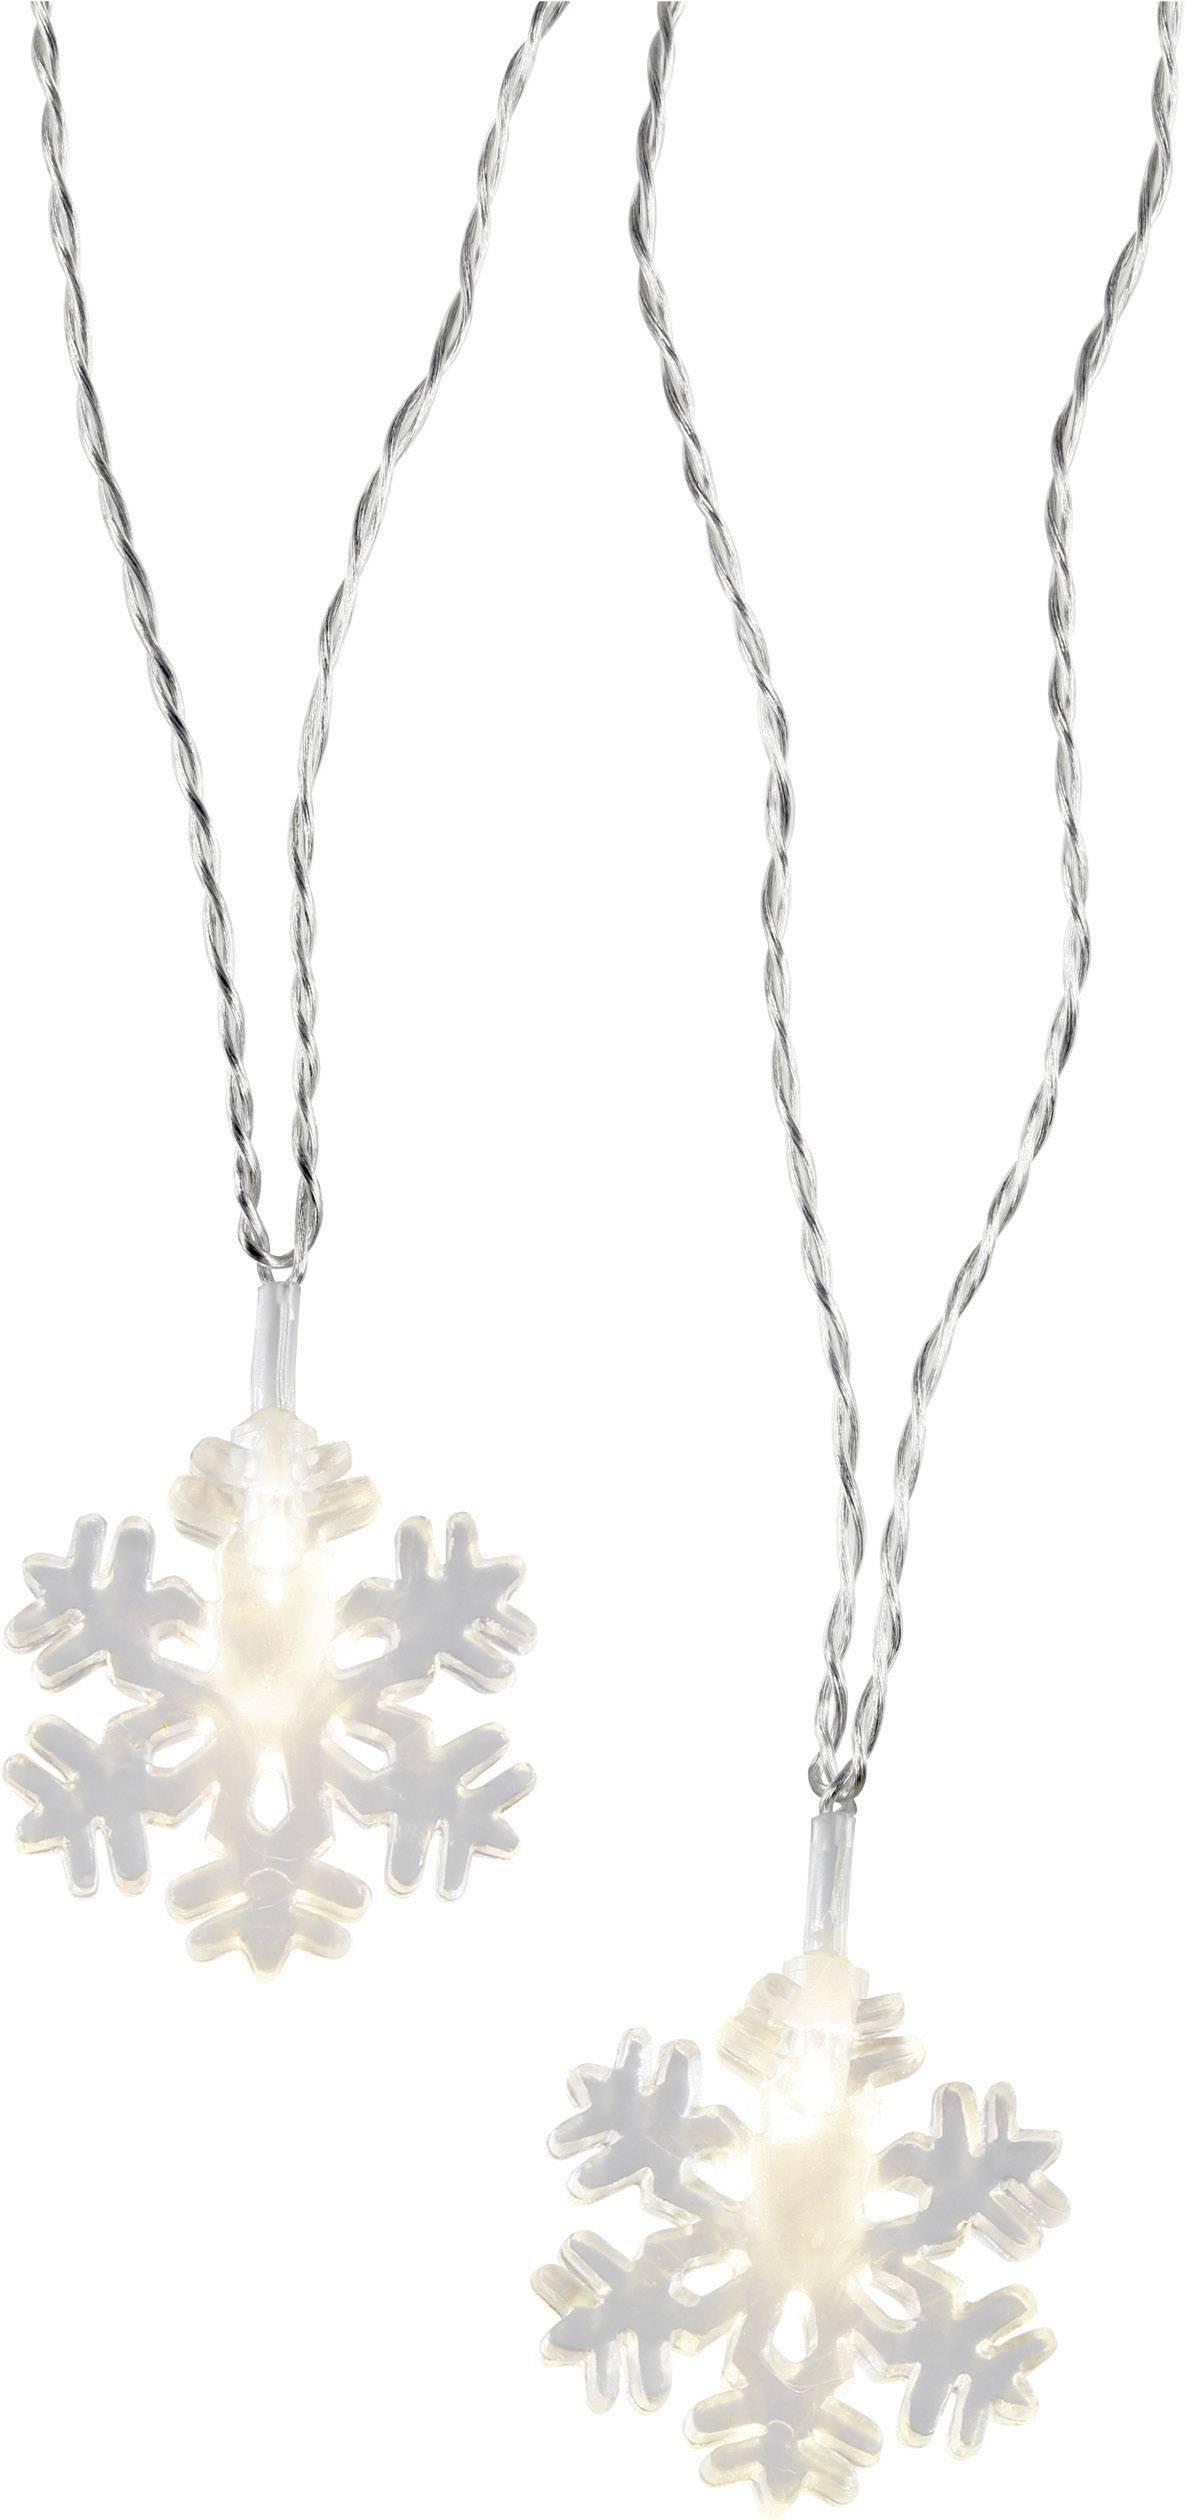 Vonkajšia vianočná reťaz Polarlite, snehové vločky, 16 LED, teplá biela